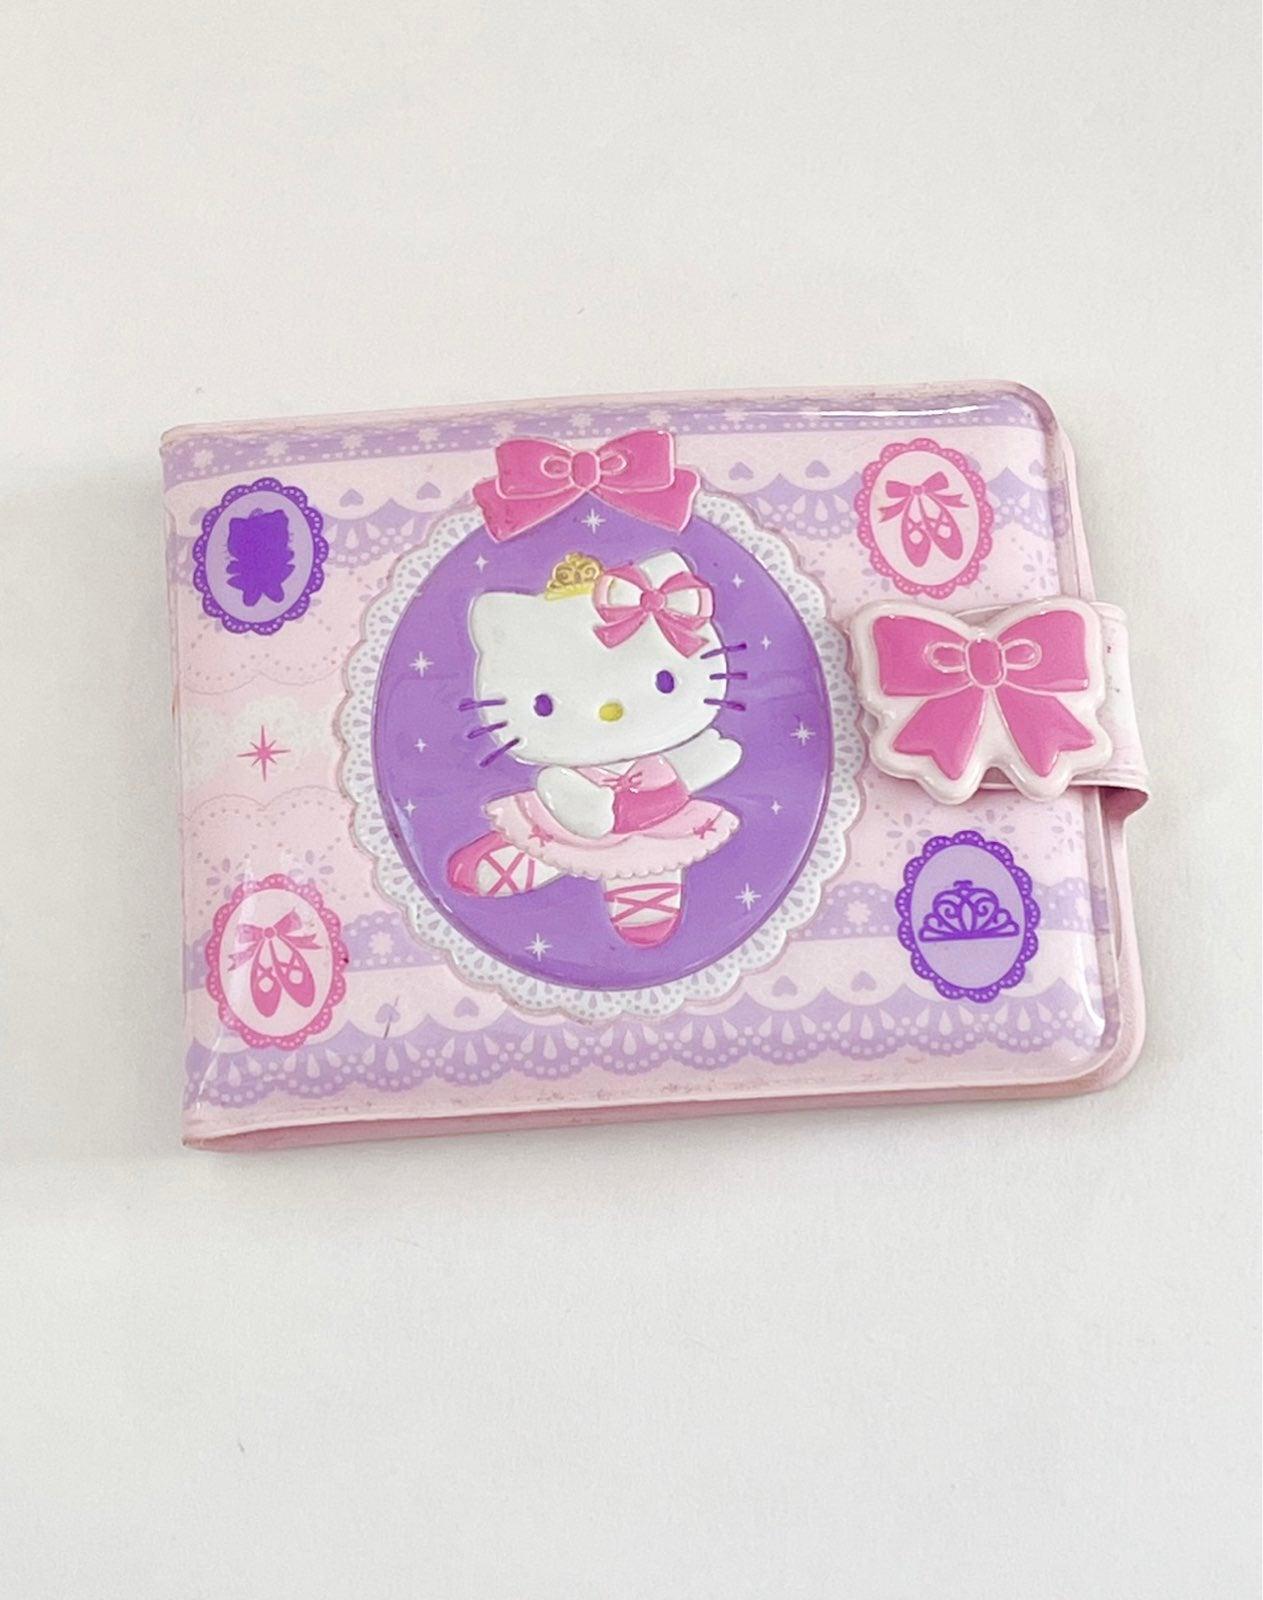 Vintage Hello Kitty wallet ballerina bow